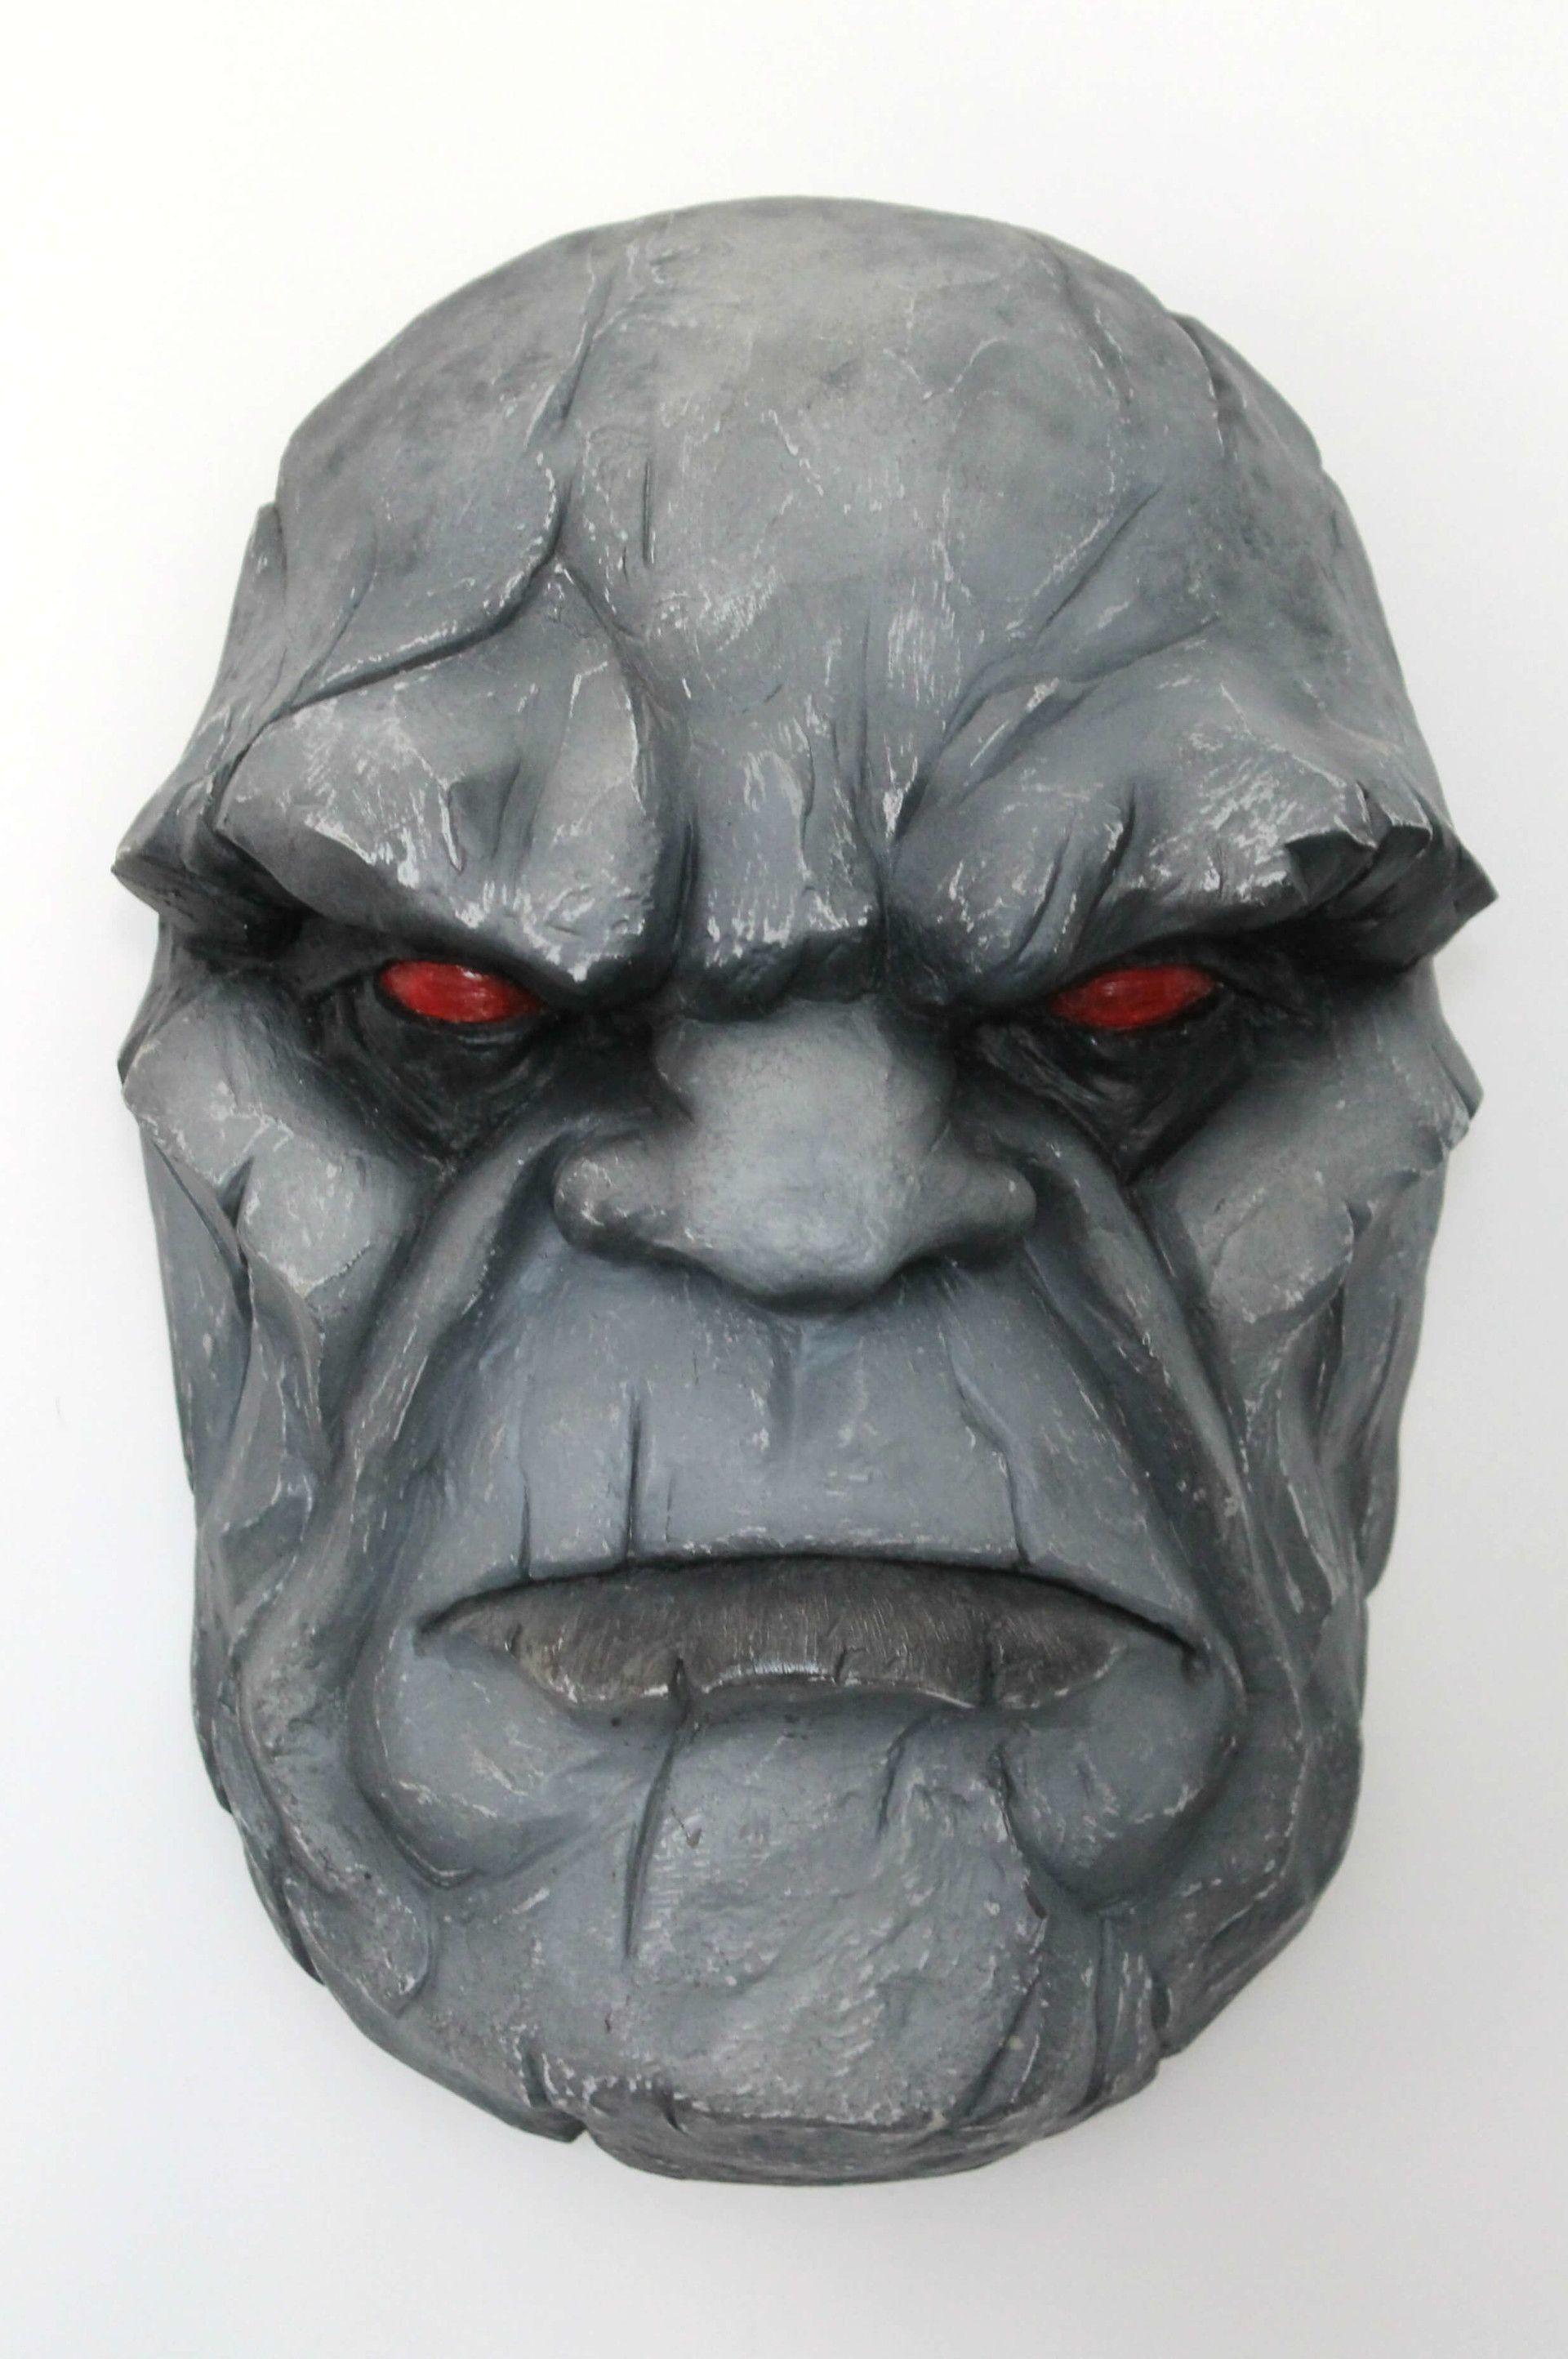 3 Hand Carved Wooden Darkseid